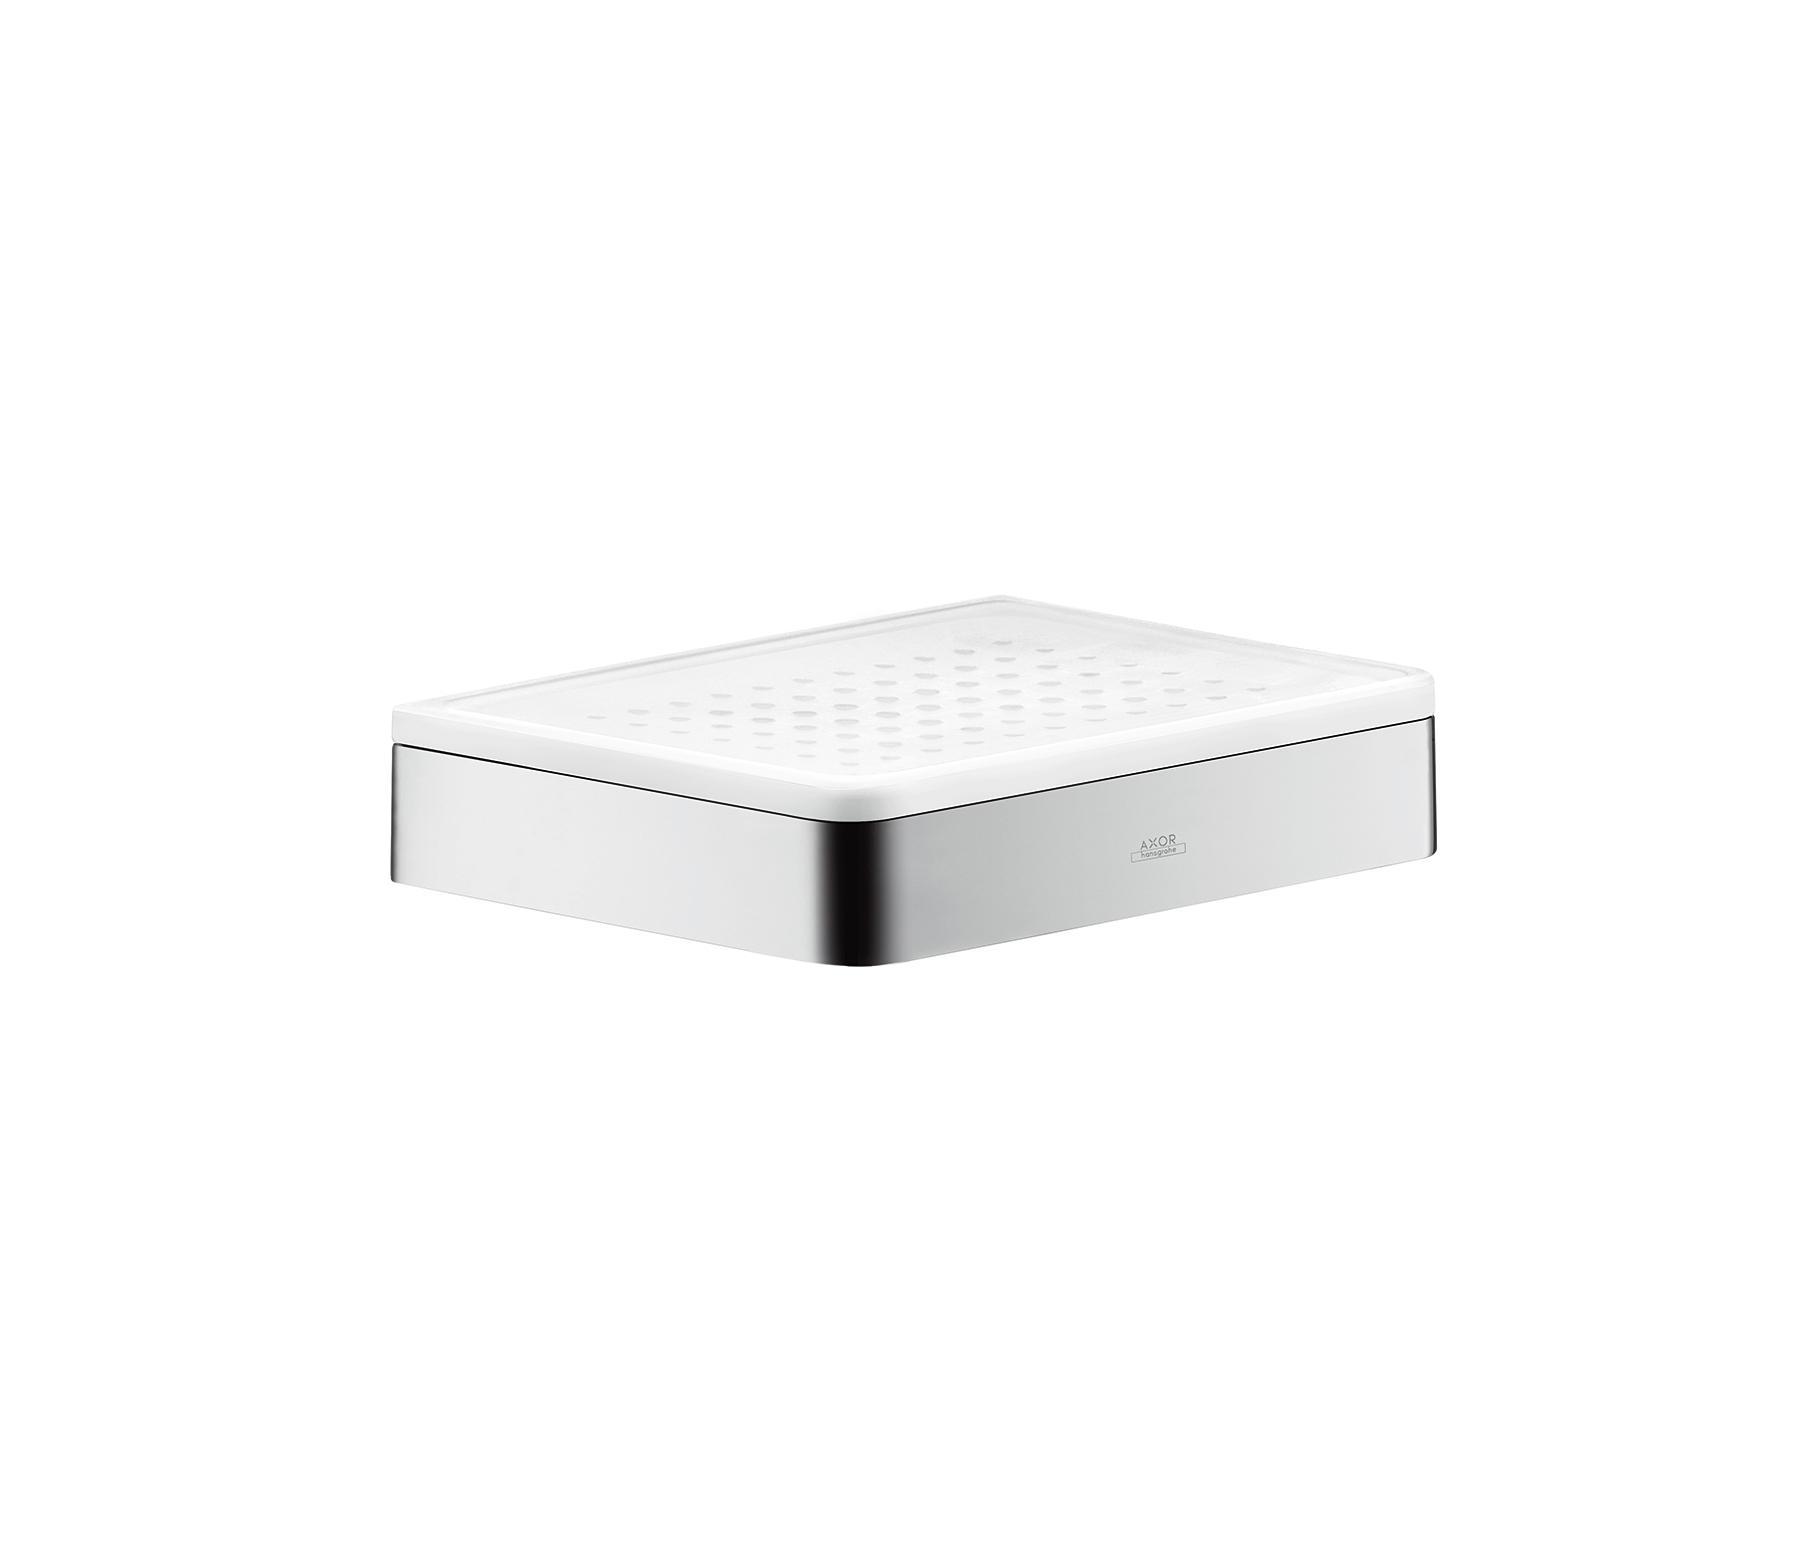 Accessoires Salle De Bain Axor ~ axor universal accessories porte savon tablette porte savons de